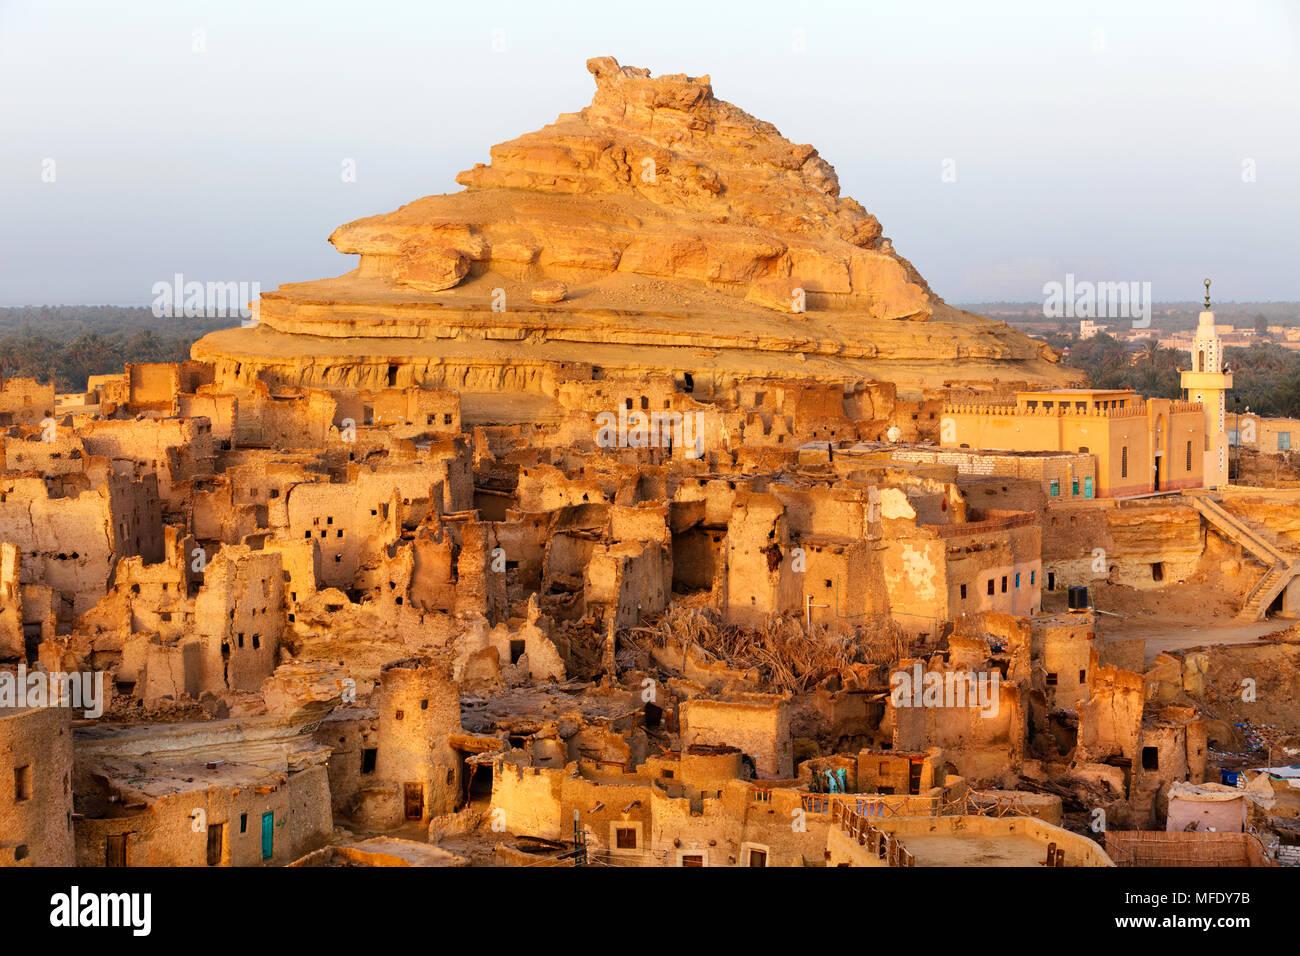 Vista delle rovine della fortezza di Shali in Siwa nel deserto del Sahara in Egitto Immagini Stock